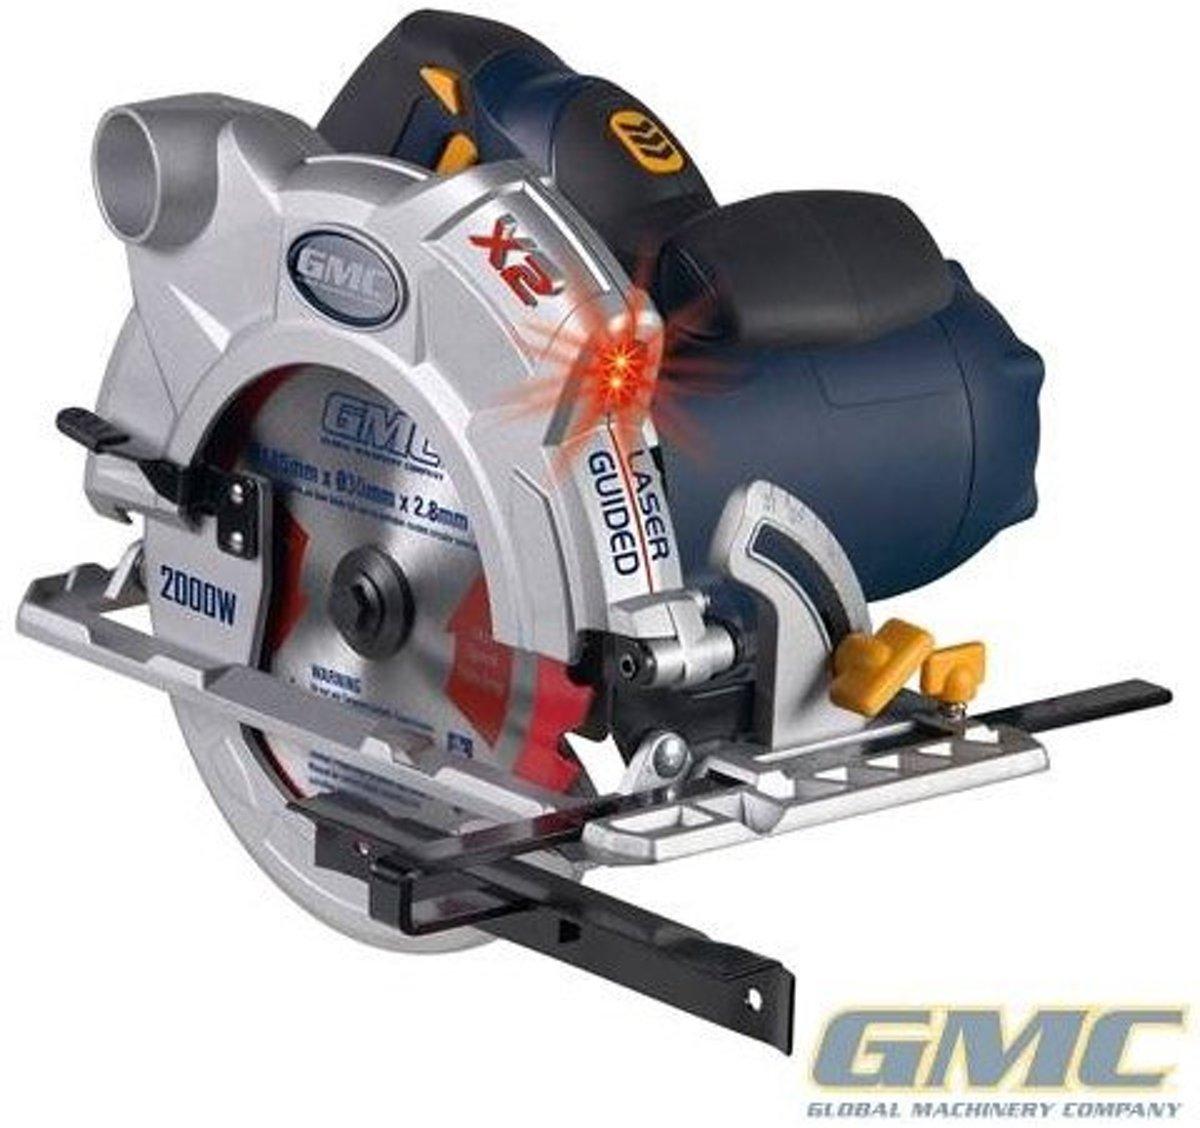 GMC 2000 W cirkelzaag, 185 mm